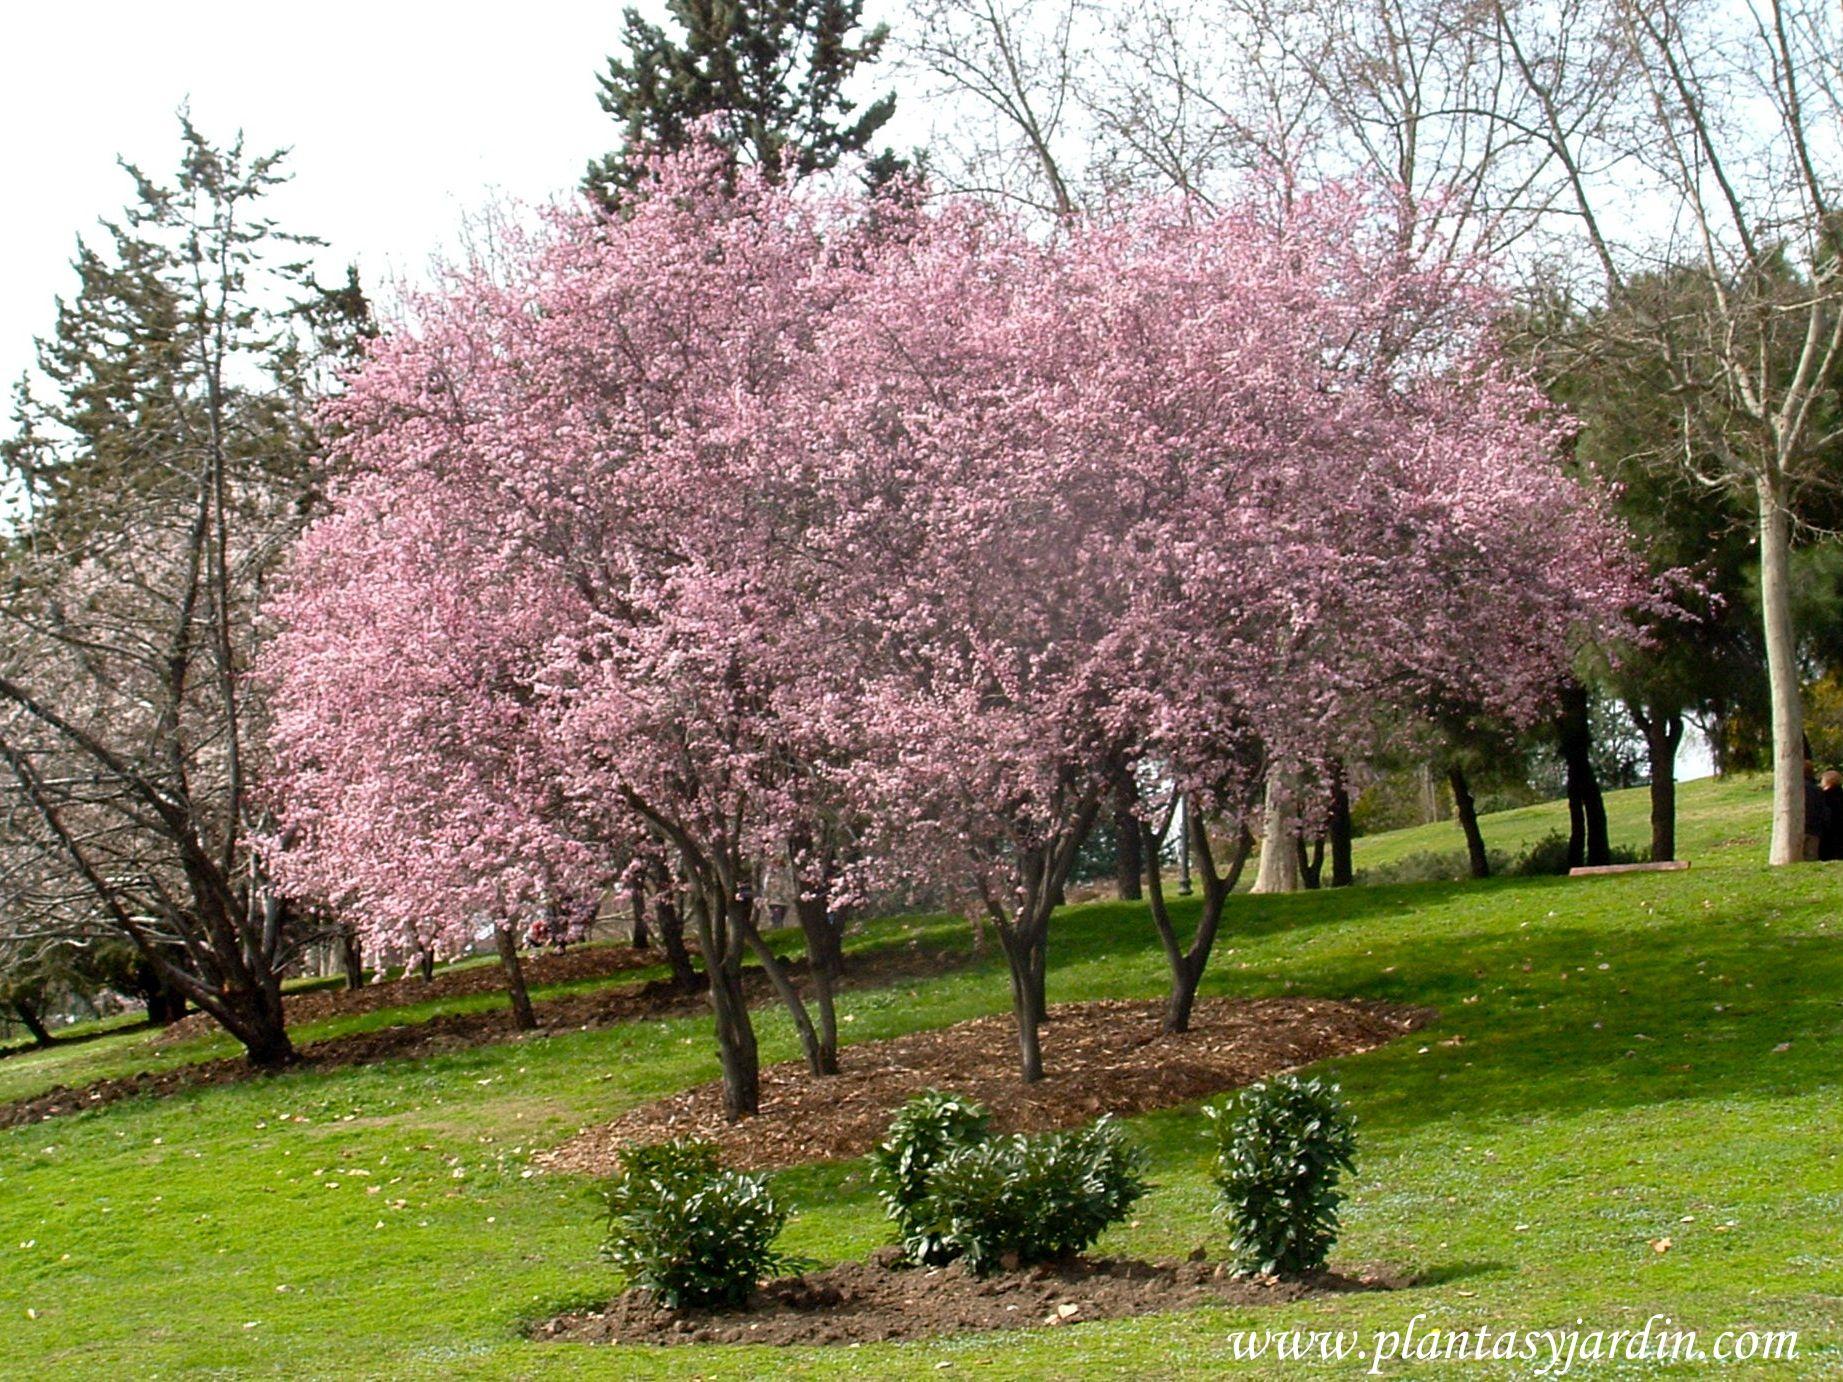 Prunus cerasifera el ciruelo japon s reci n florecido a for Arboles ornamentales jardin